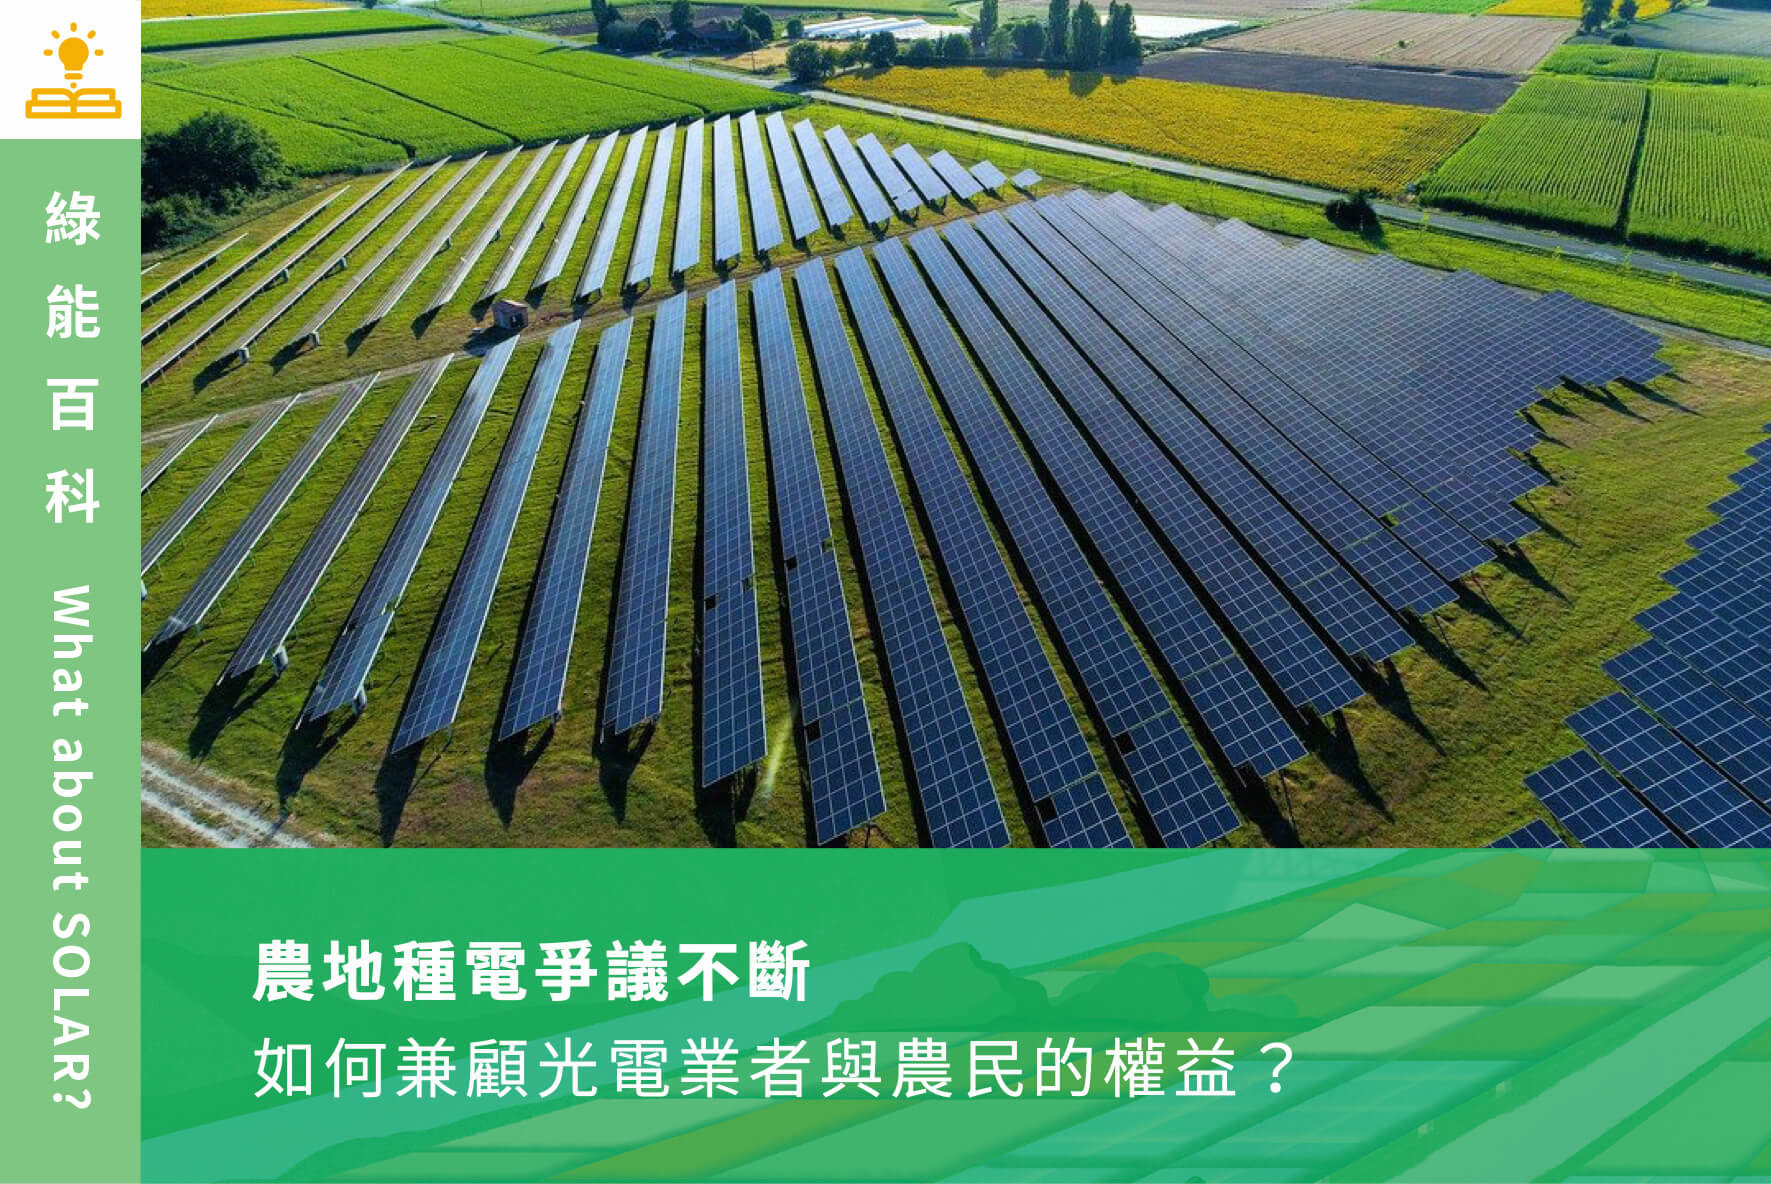 農地種電爭議不斷,如何兼顧光電業者與農民的權益?